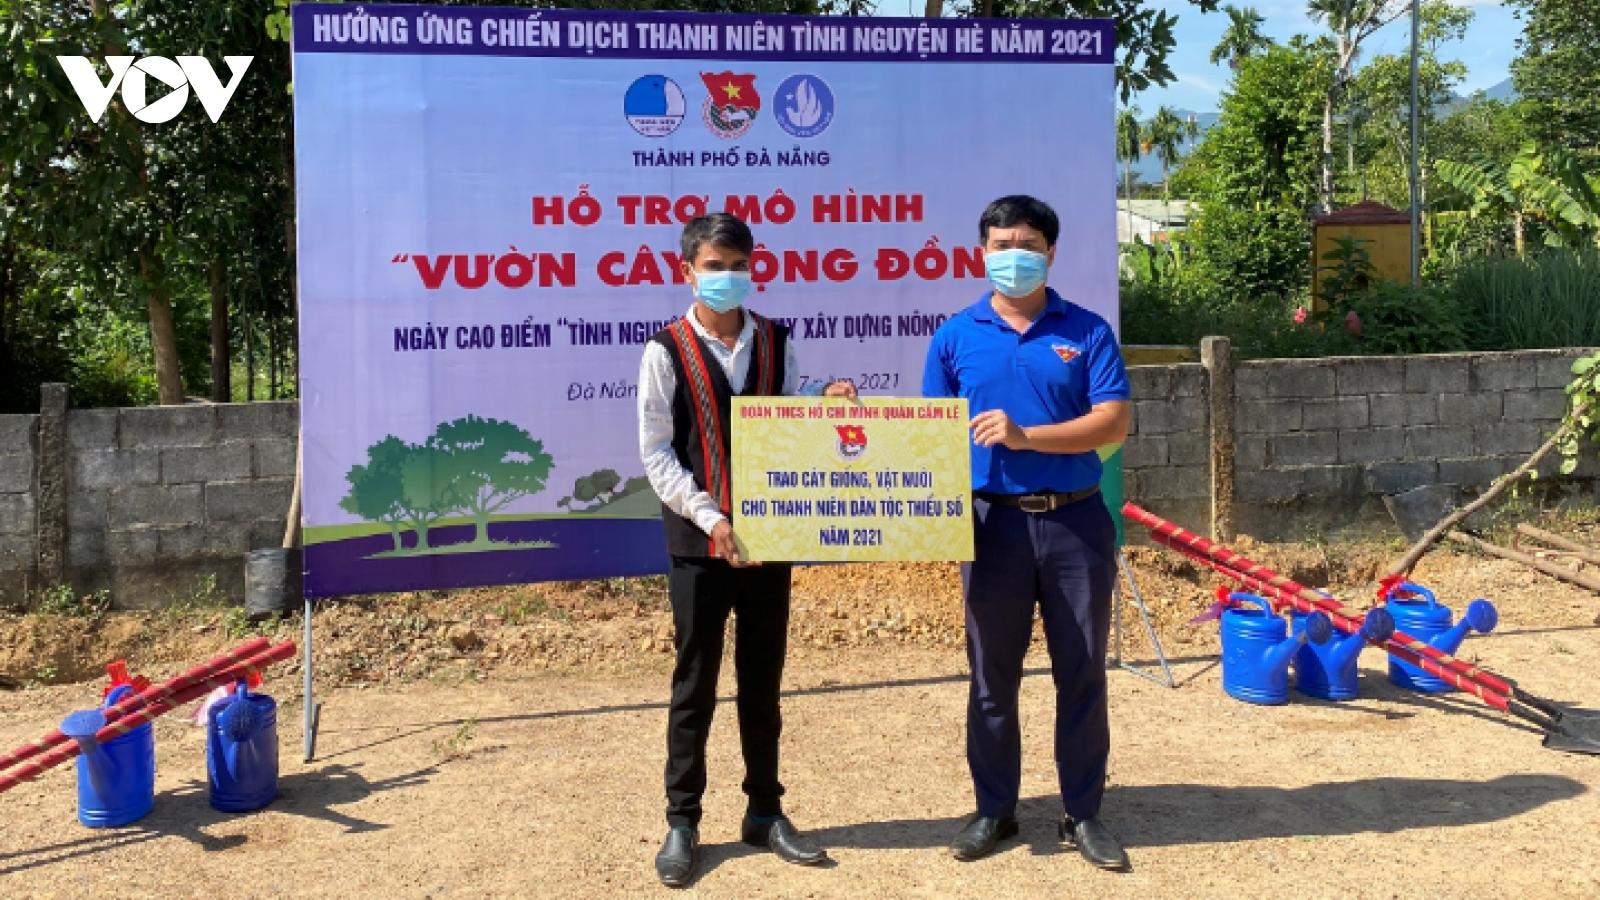 Đà Nẵng hỗ trợ giống cây trồng và vật nuôi cho người dân, thanh niên dân tộc Cơ Tu